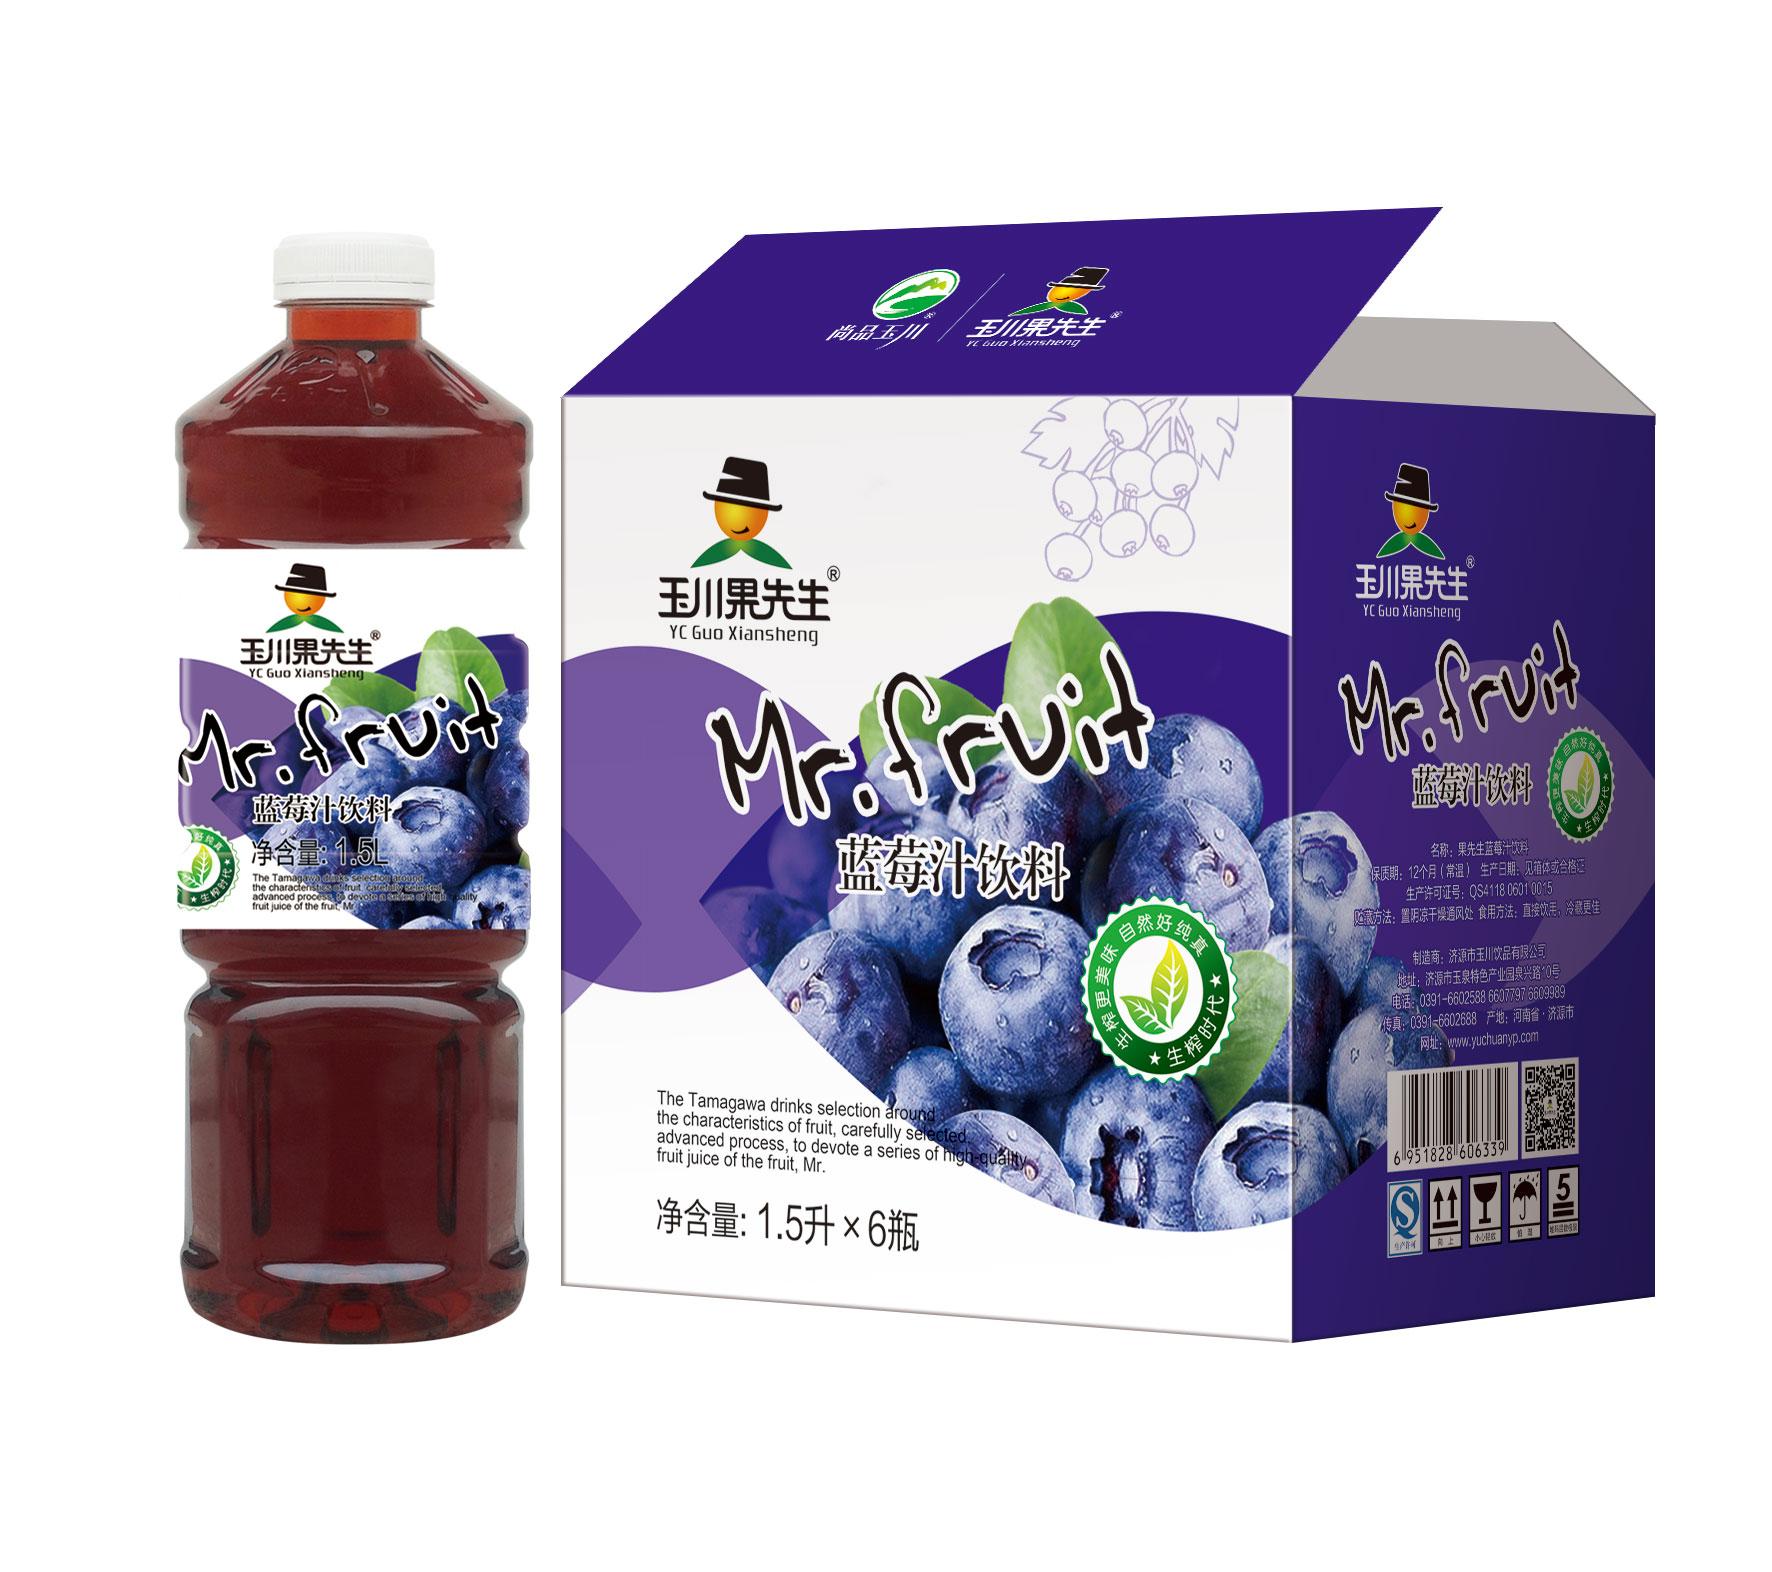 1.5L×6果先生蓝莓汁饮料